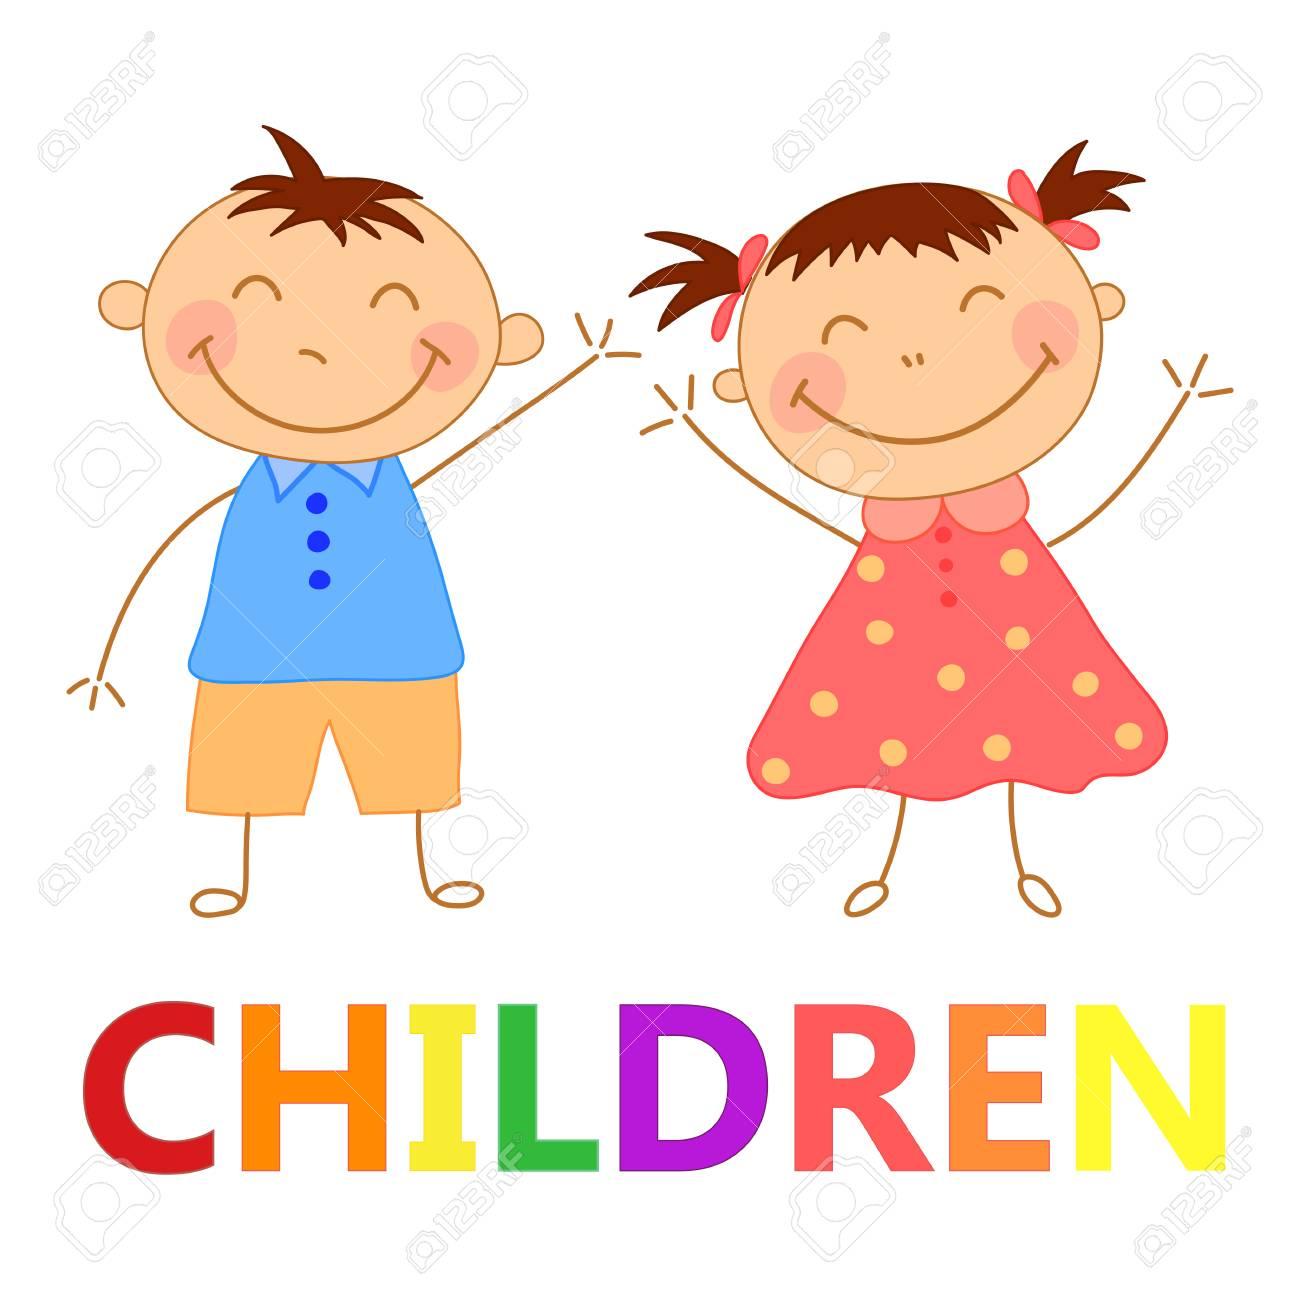 手描きの女の子と男の子のセット 子供の本のイラスト 簡単な絵だかわいい赤ちゃんのイラスト素材 ベクタ Image